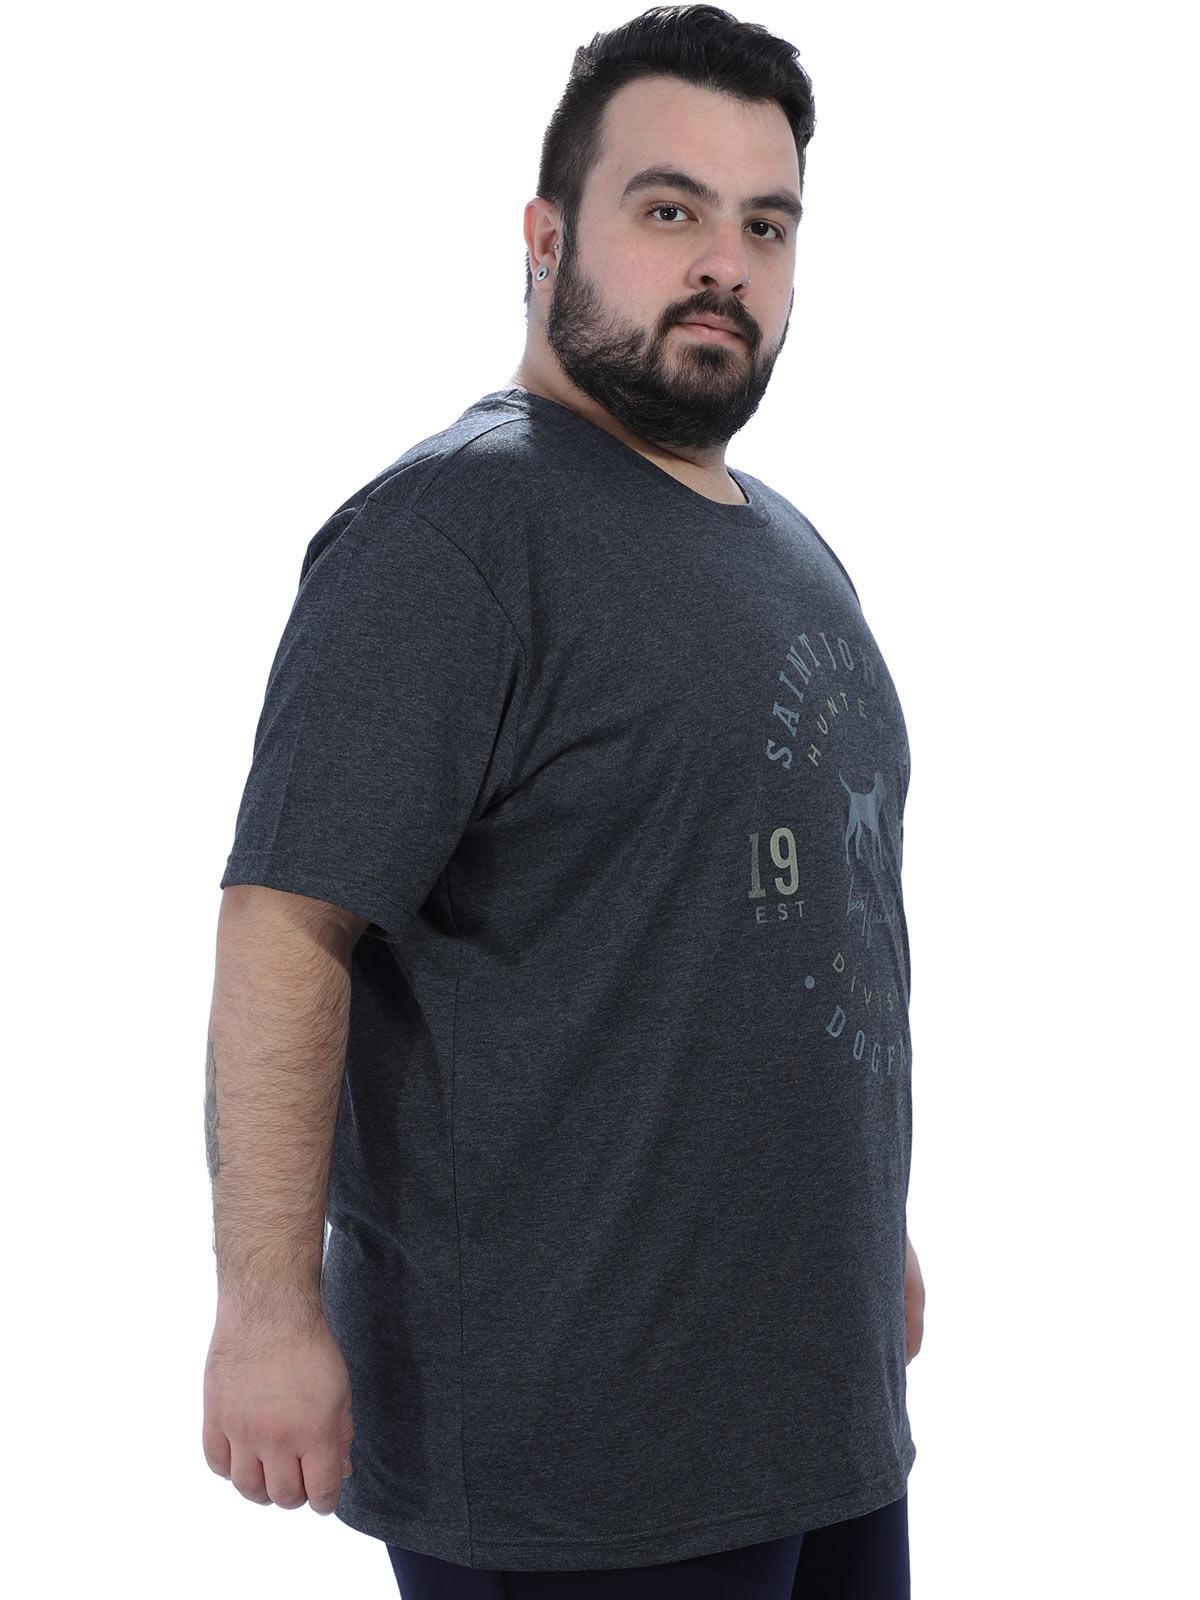 Camiseta Plus Size Careca Hunter Anistia Preta